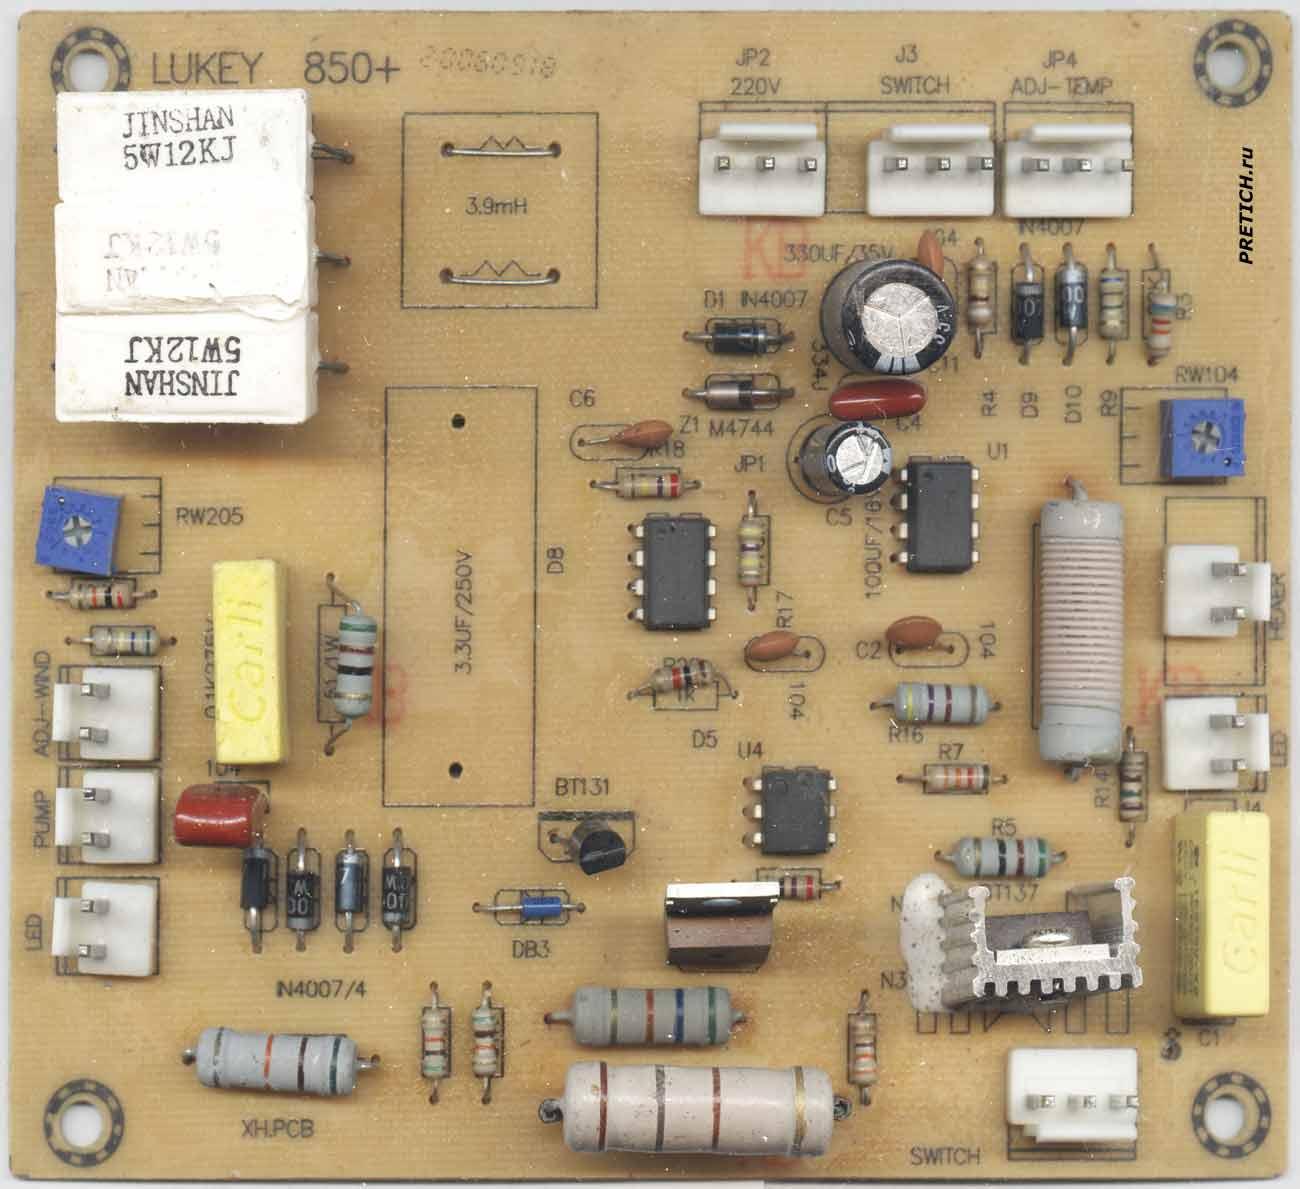 Lukey 853d принципиальная схема